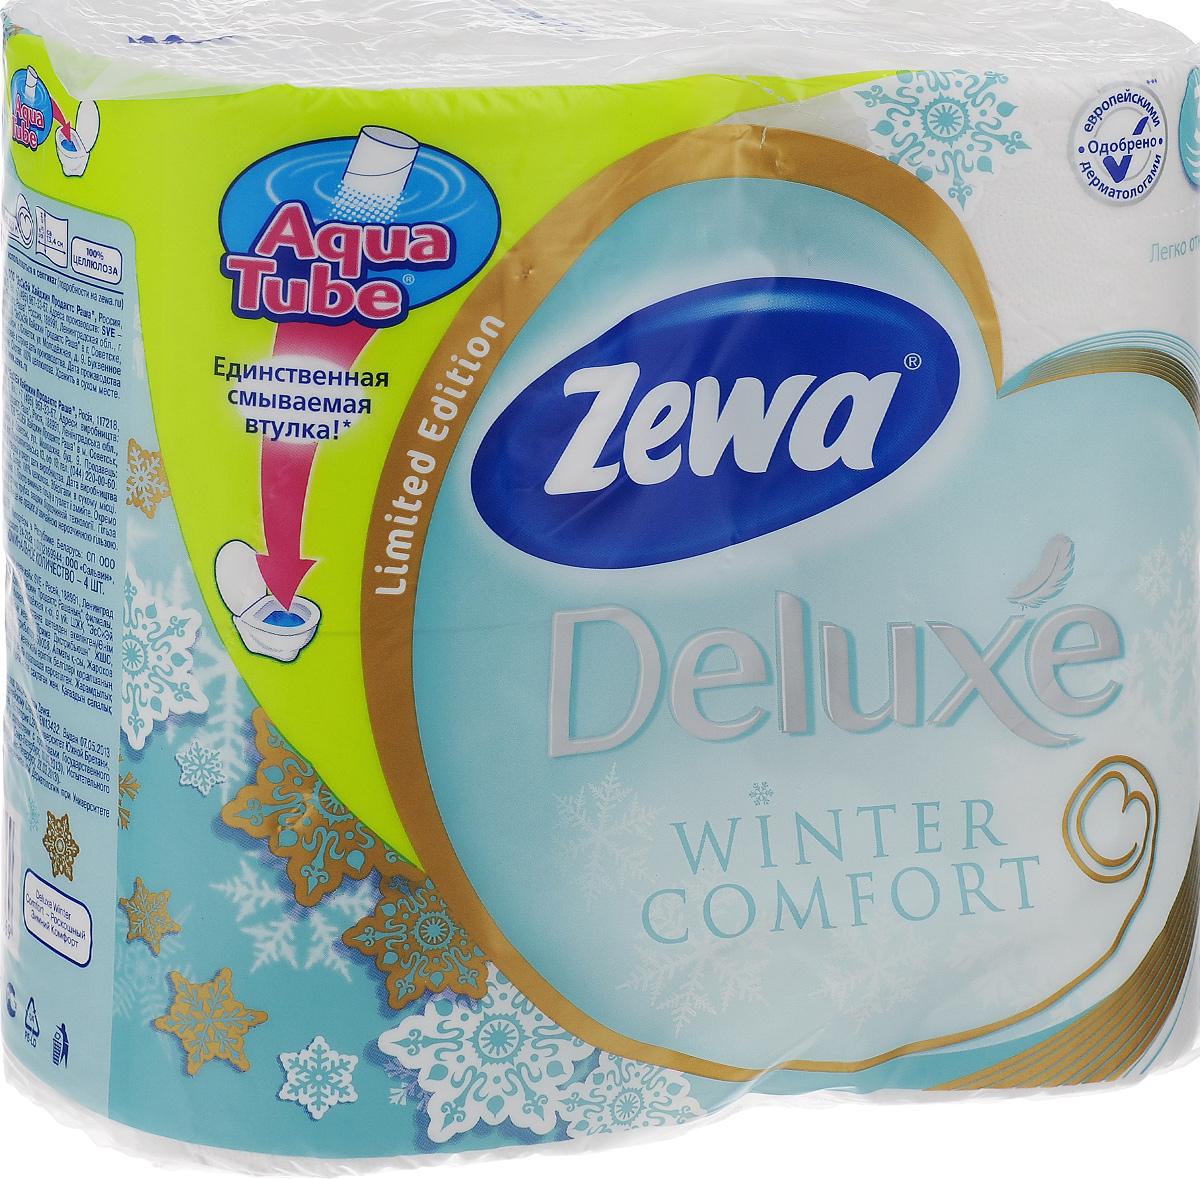 Туалетная бумага Zewa Deluxe. Winter Comfort, трехслойная, цвет: белый, 4 рулона3228_Winter ComfortТрехслойная туалетная бумага Zewa Deluxe. Winter Comfort изготовлена из целлюлозы высшего качества. Мягкая, нежная, но в тоже время прочная, бумага не расслаивается и отрывается строго по линии перфорации. Рулоны оснащены смываемой биоразлагаемой втулкой. Бумага без аромата. Материал: 100% целлюлоза. Количество листов (в одном рулоне): 150 шт. Количество слоев: 3. Размер листа: 9,5 см х 13,4 см. Длина рулона: 20,1 м.